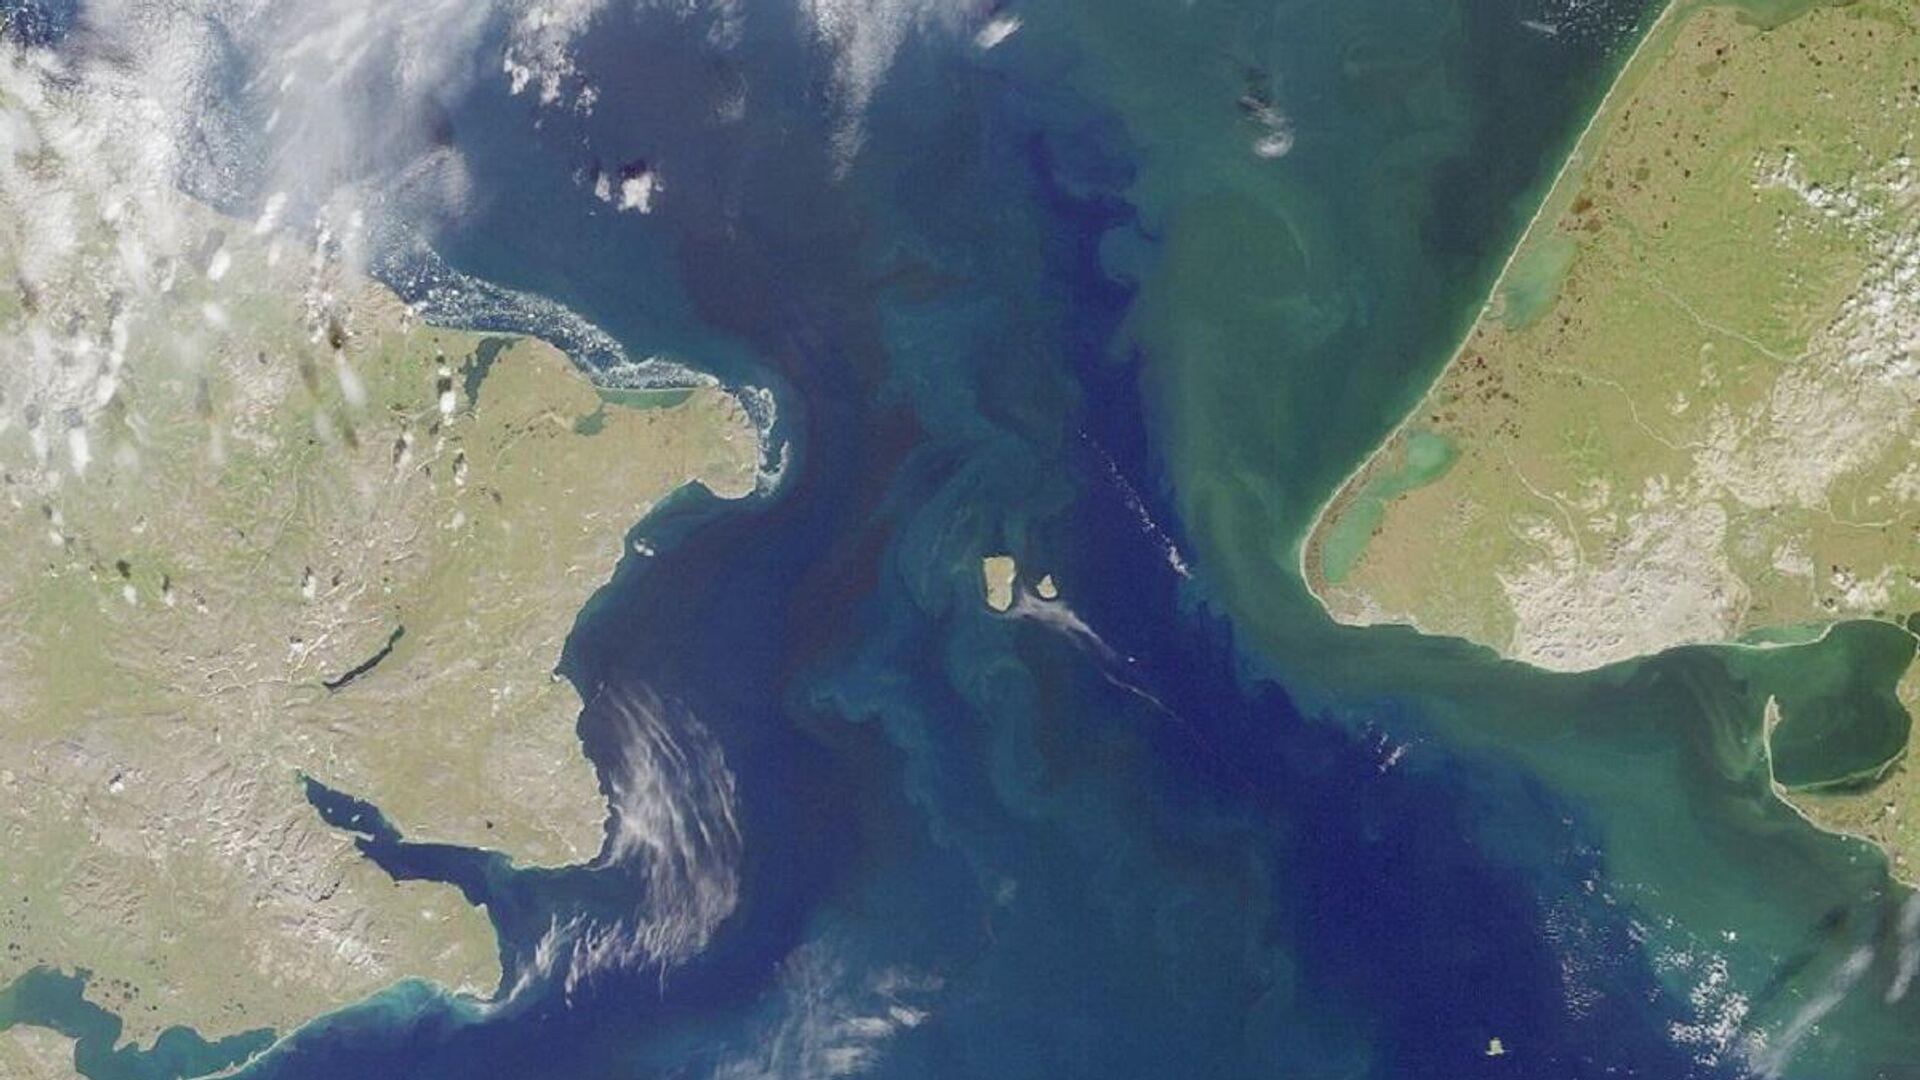 El estrecho de Bering que separa Siberia de Alaska en el Pacífico Norte - Sputnik Mundo, 1920, 03.05.2021